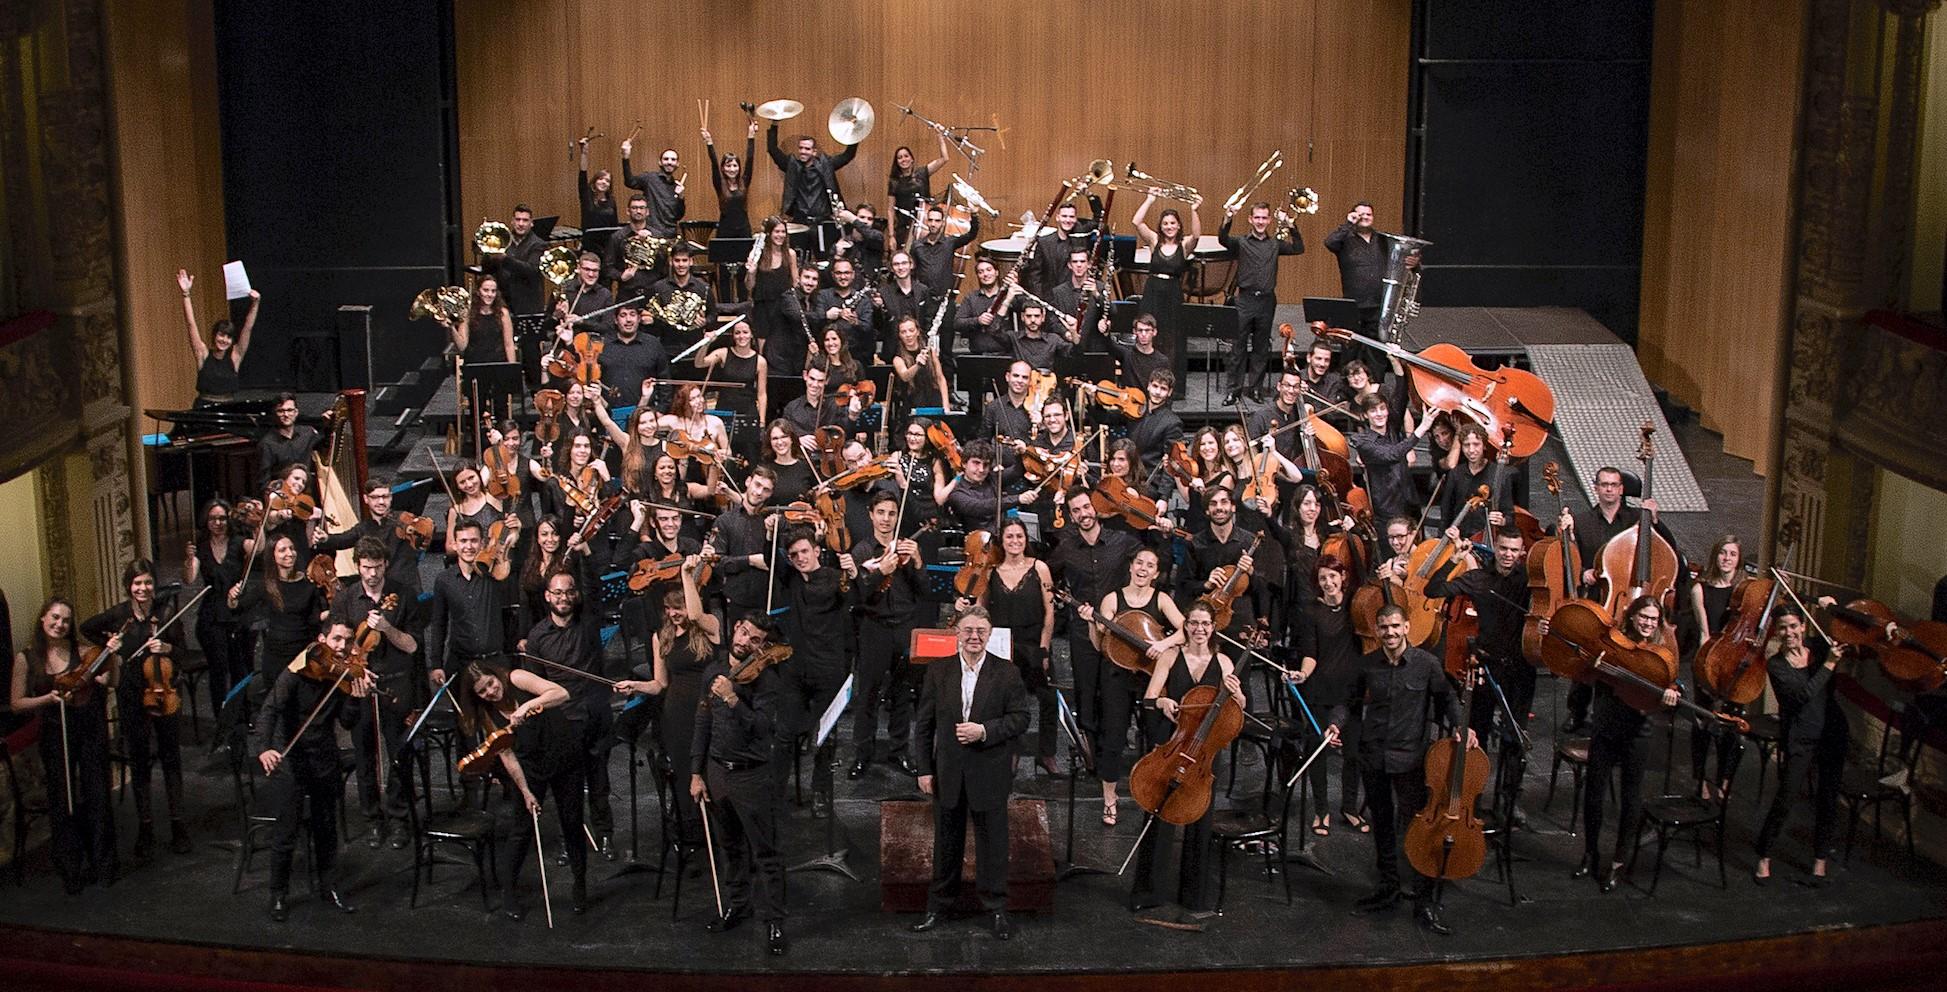 La JOCAN está integrada actualmente por 150 músicos